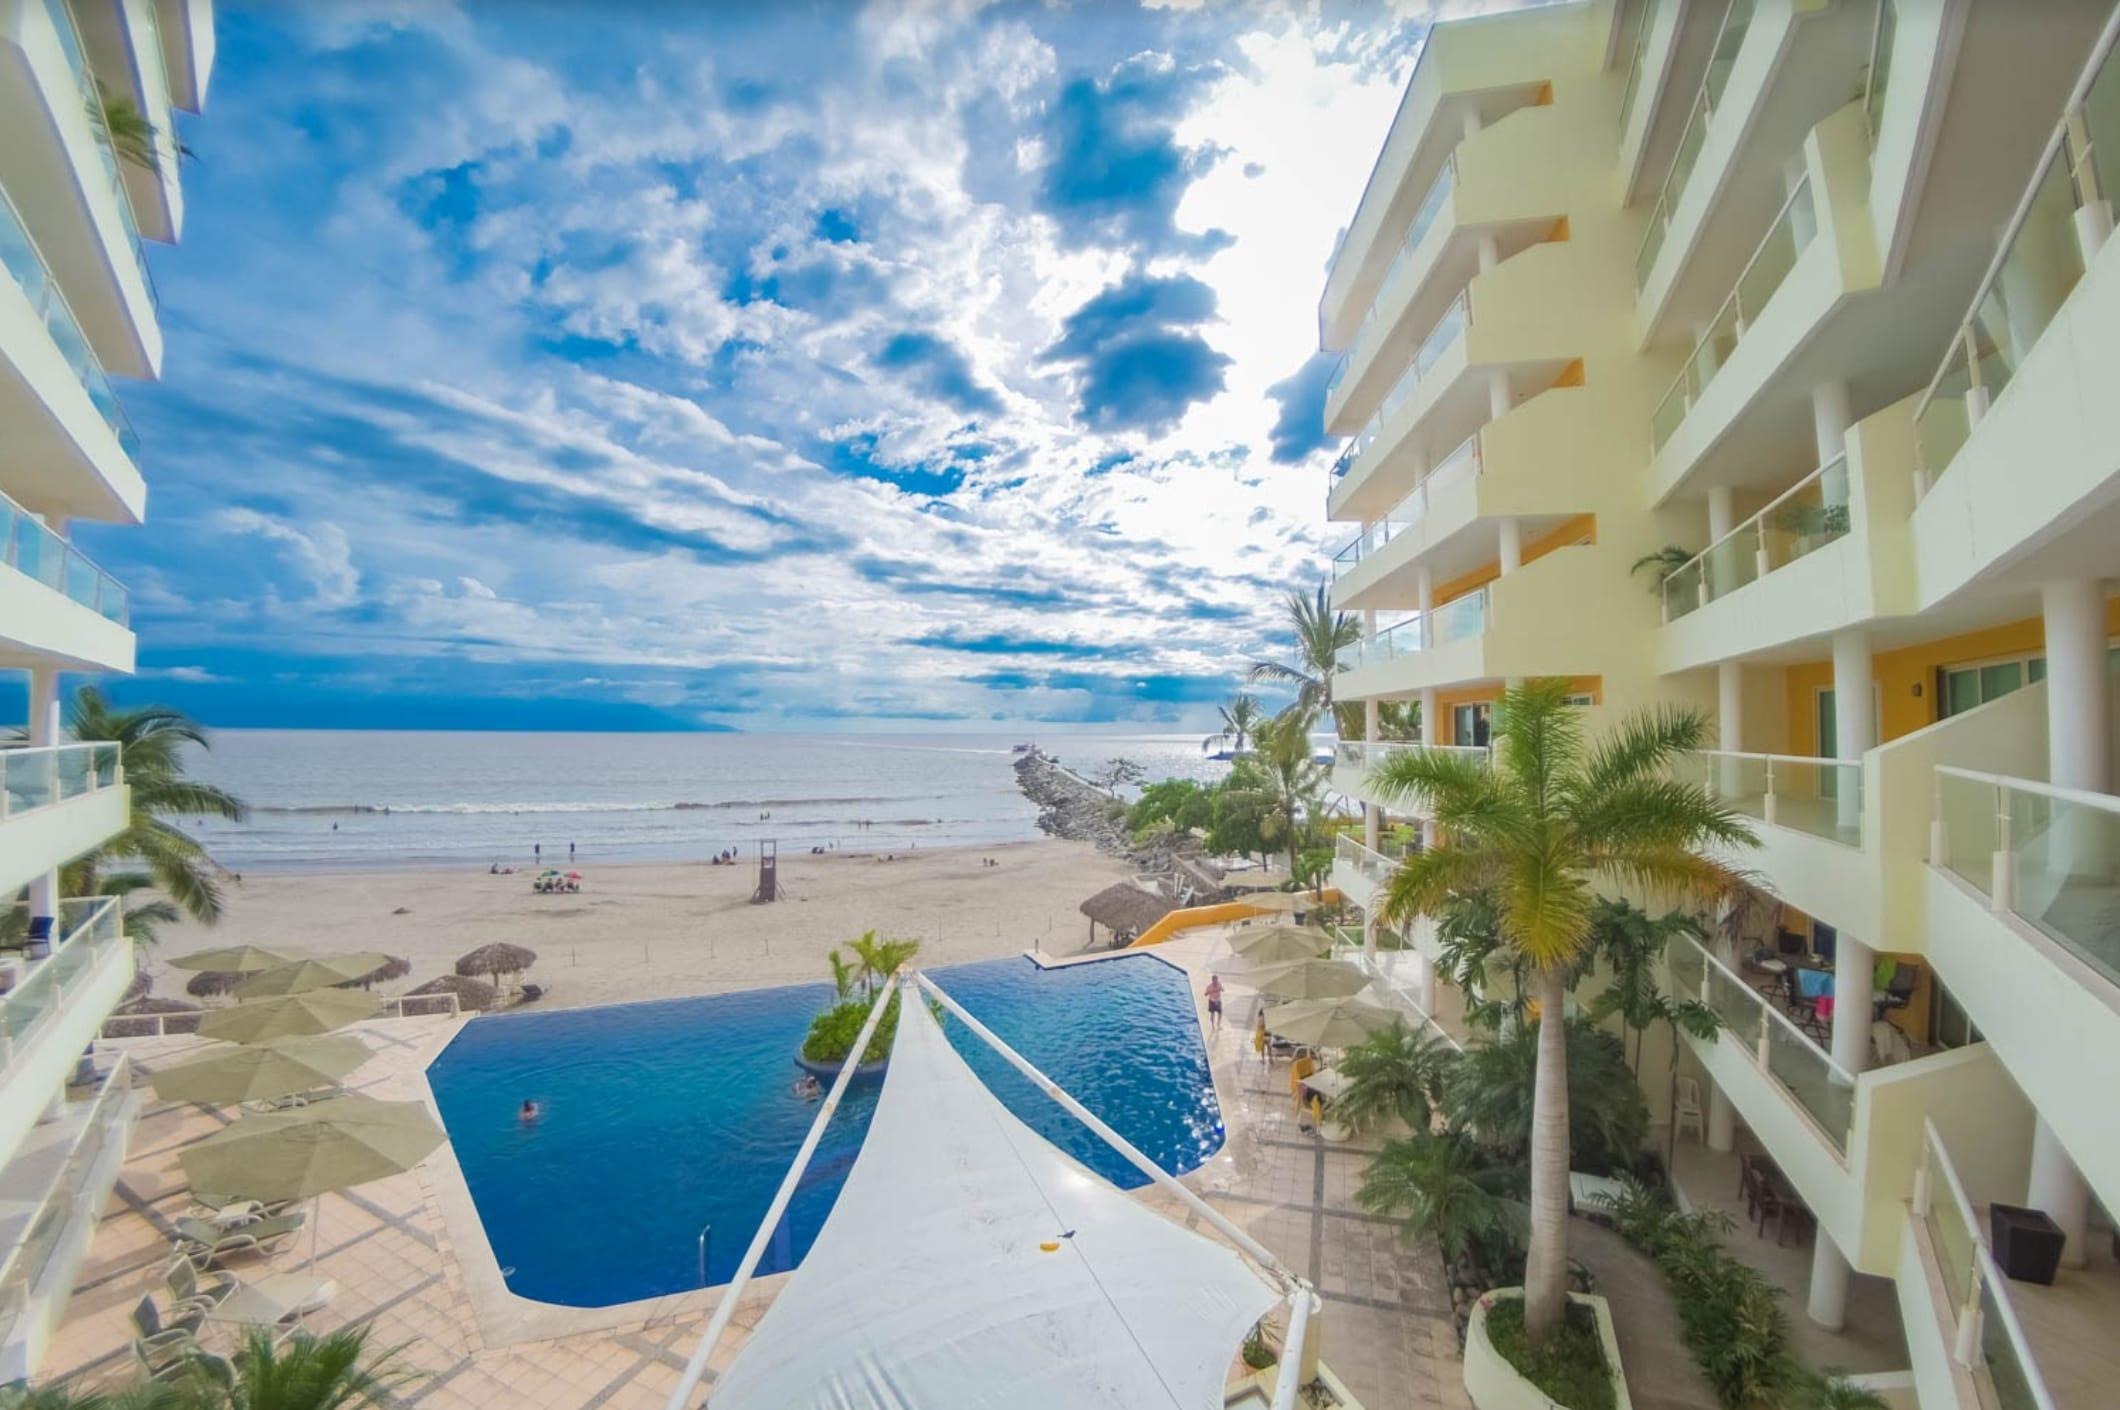 Nuevo Vallarta Ocean Front 3 Bedroom spacious condo! Breathtaking view!